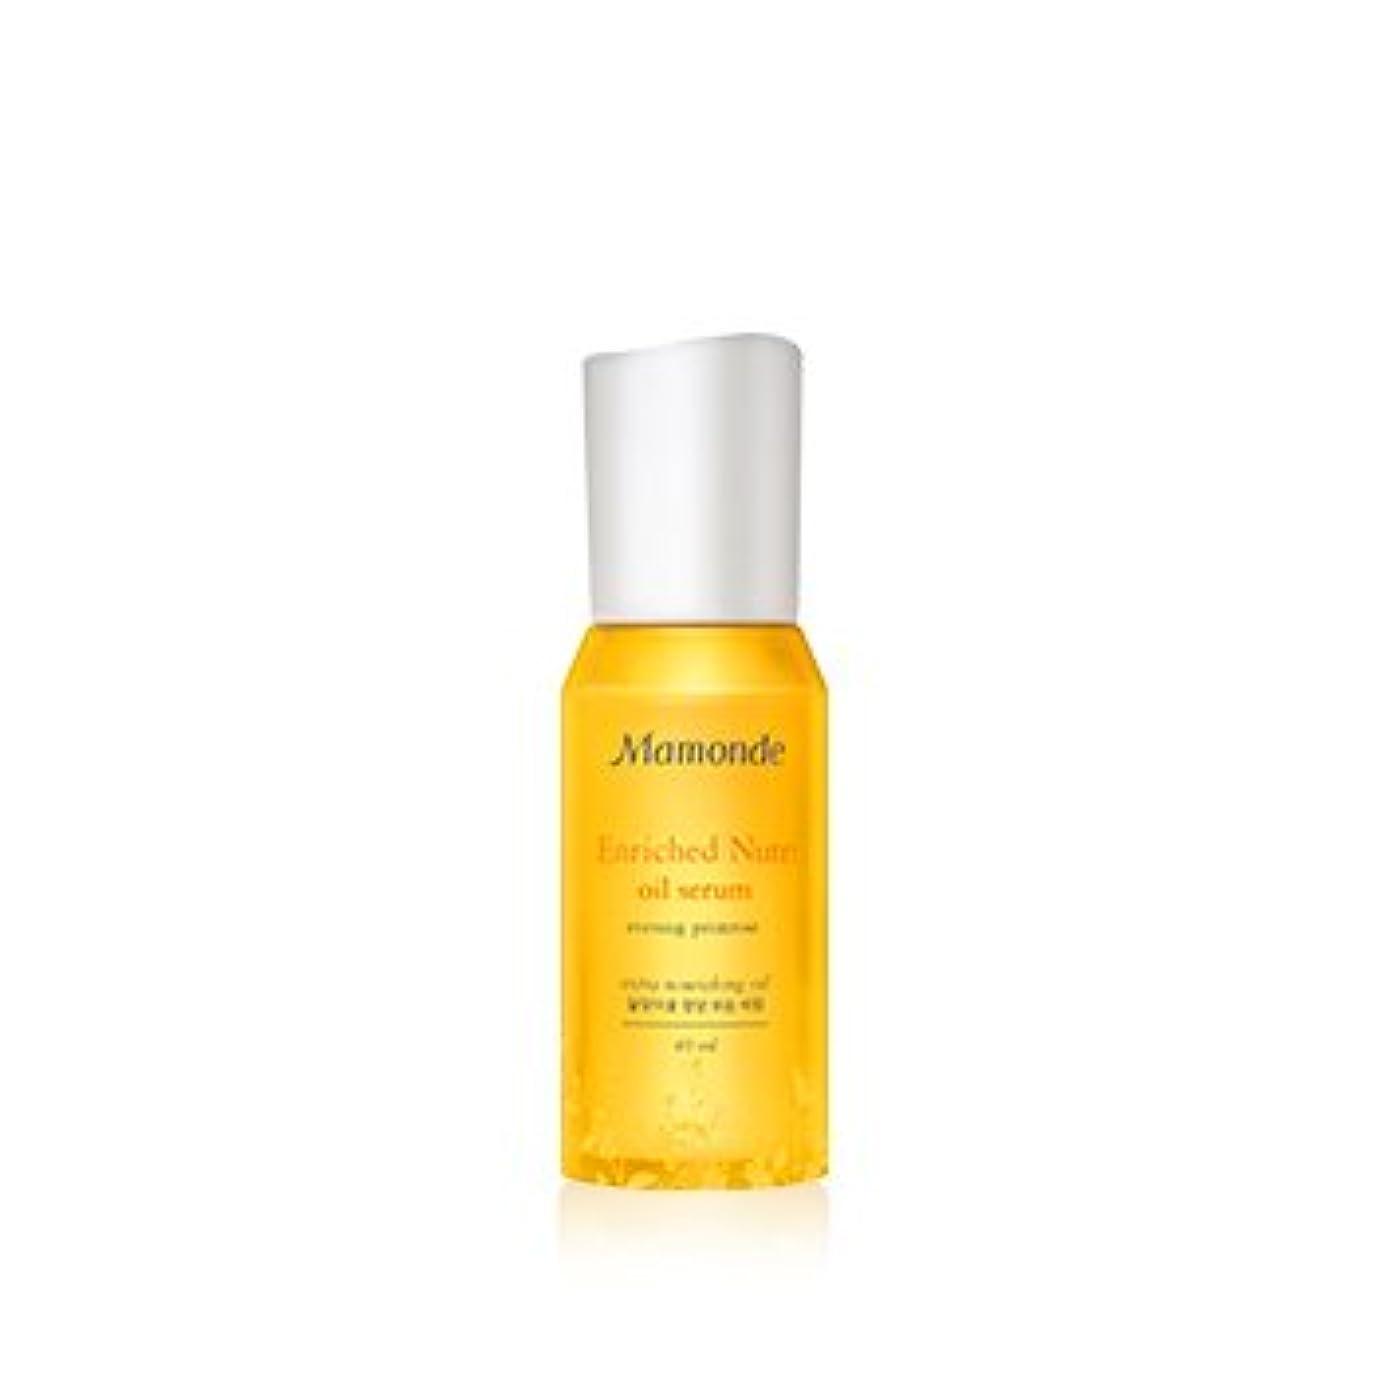 優しいリファイン風味[New] Mamonde Enriched Nutri Oil Serum 40ml/マモンド エンリッチド ニュートリ オイル セラム 40ml